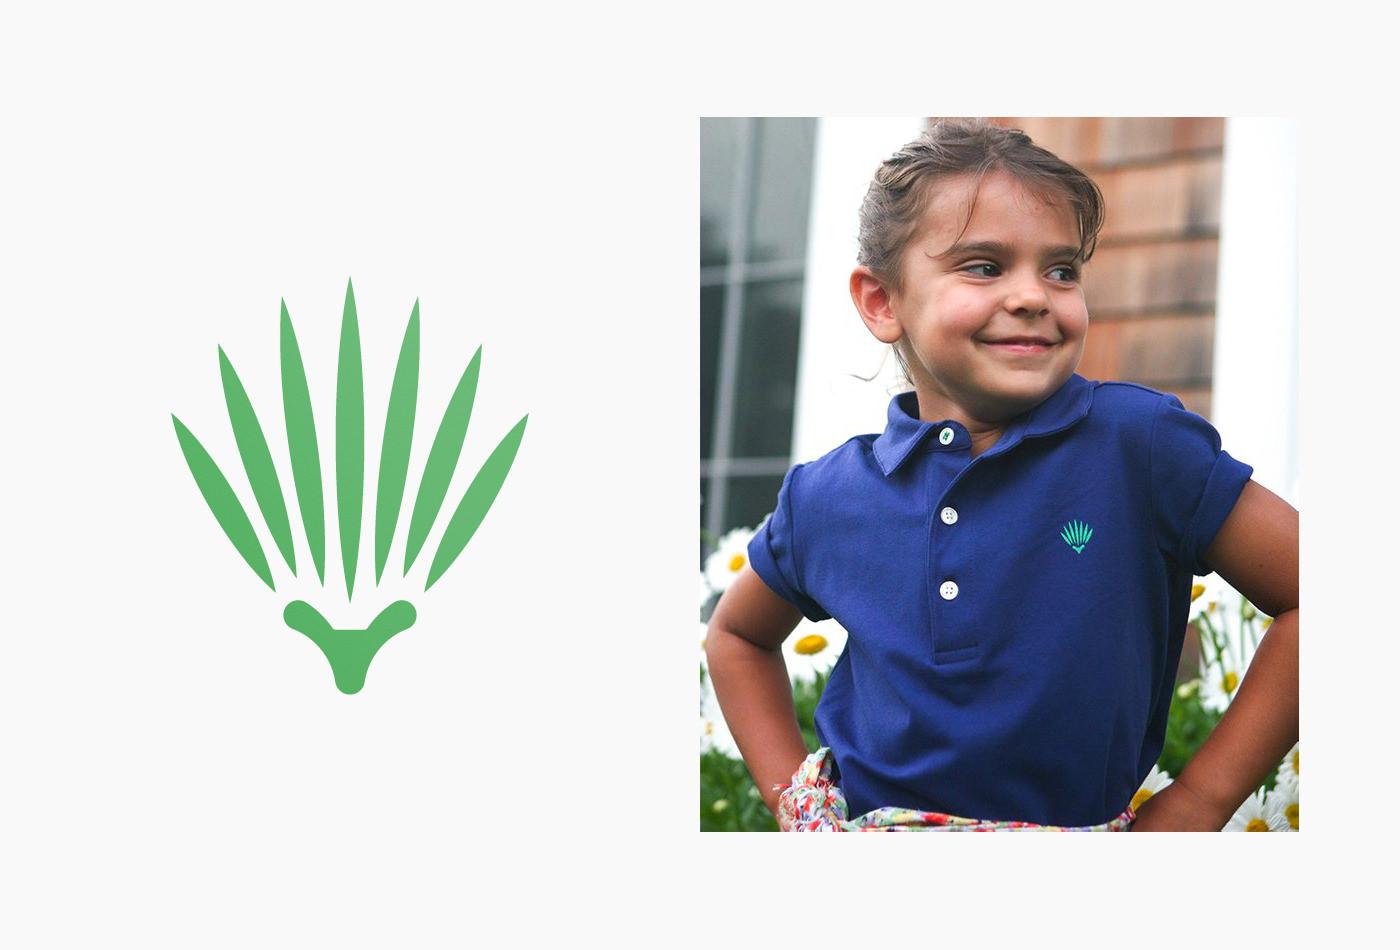 hedge-dress-polo-vacaliebres-hedgehog-logo-